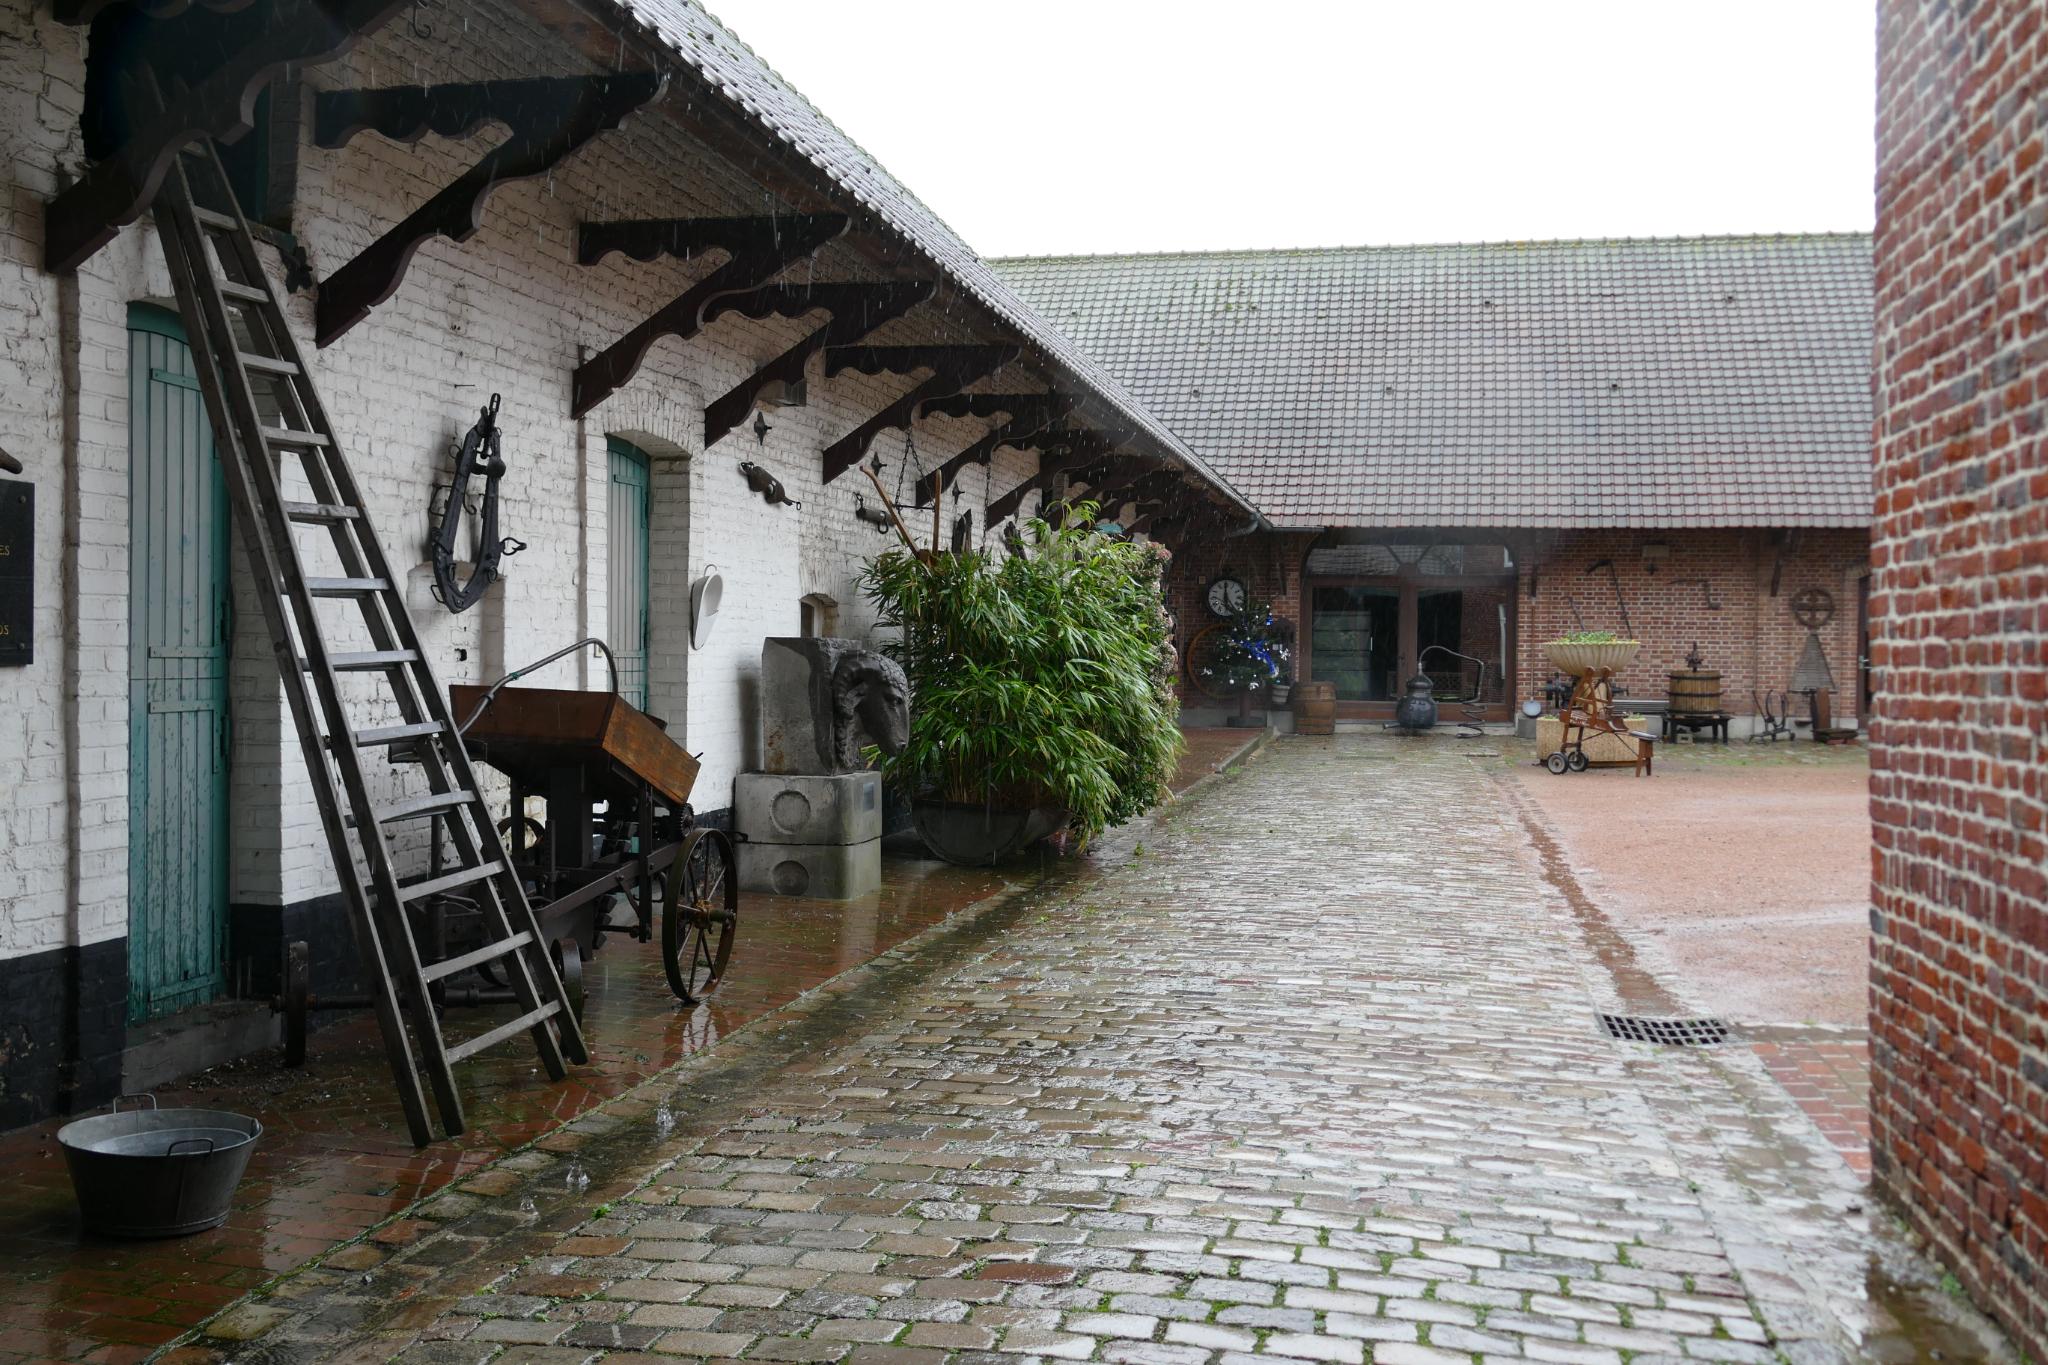 13 décembre 2019 - Week-end dans les Hauts de France : Le Musée des Arts et Traditions Populaires de Wattrelos